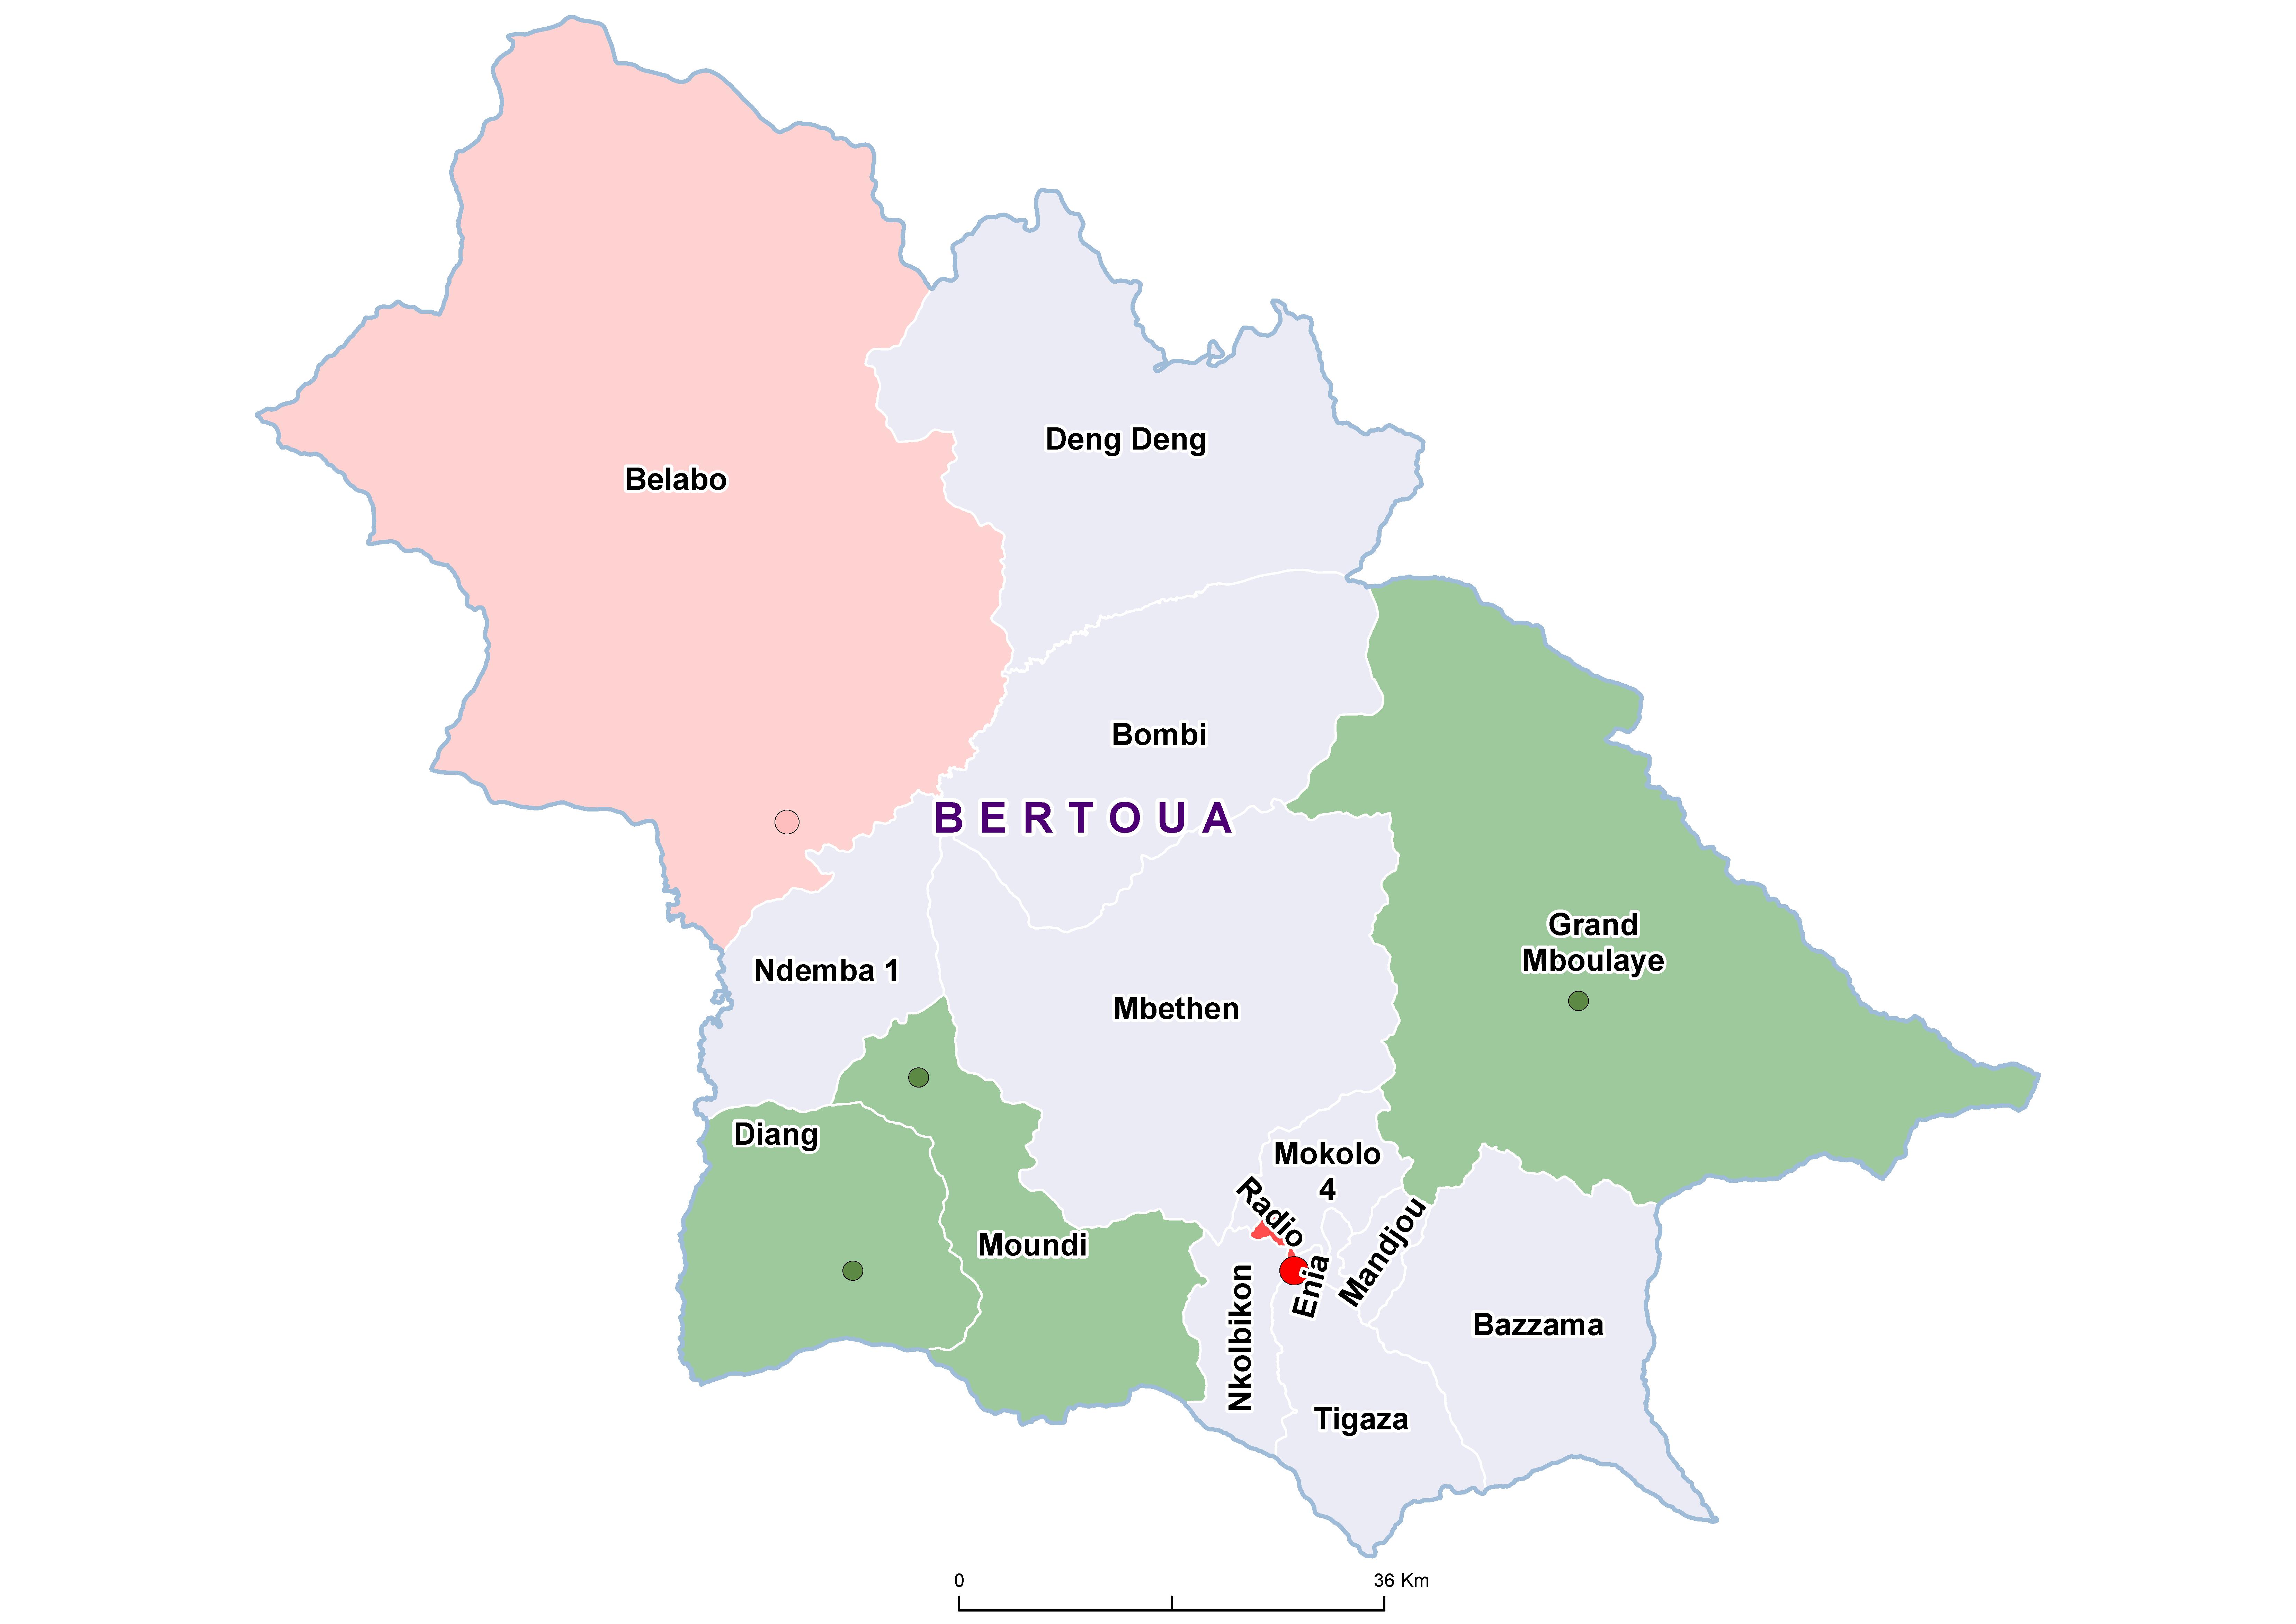 Bertoua SCH 19850001